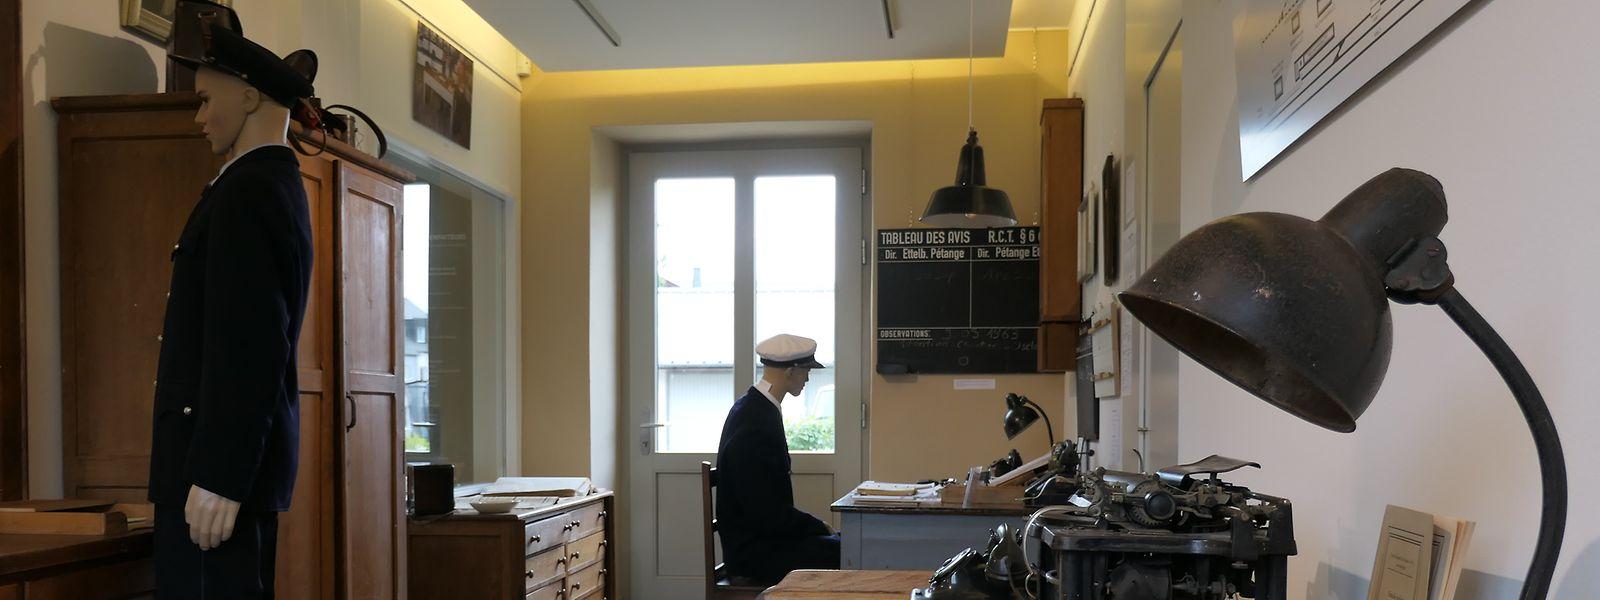 Im Innern des Museums sieht es aus als habe der letzte Bahnvorsteher Pierre Bertemes seinen Posten nie verlassen.